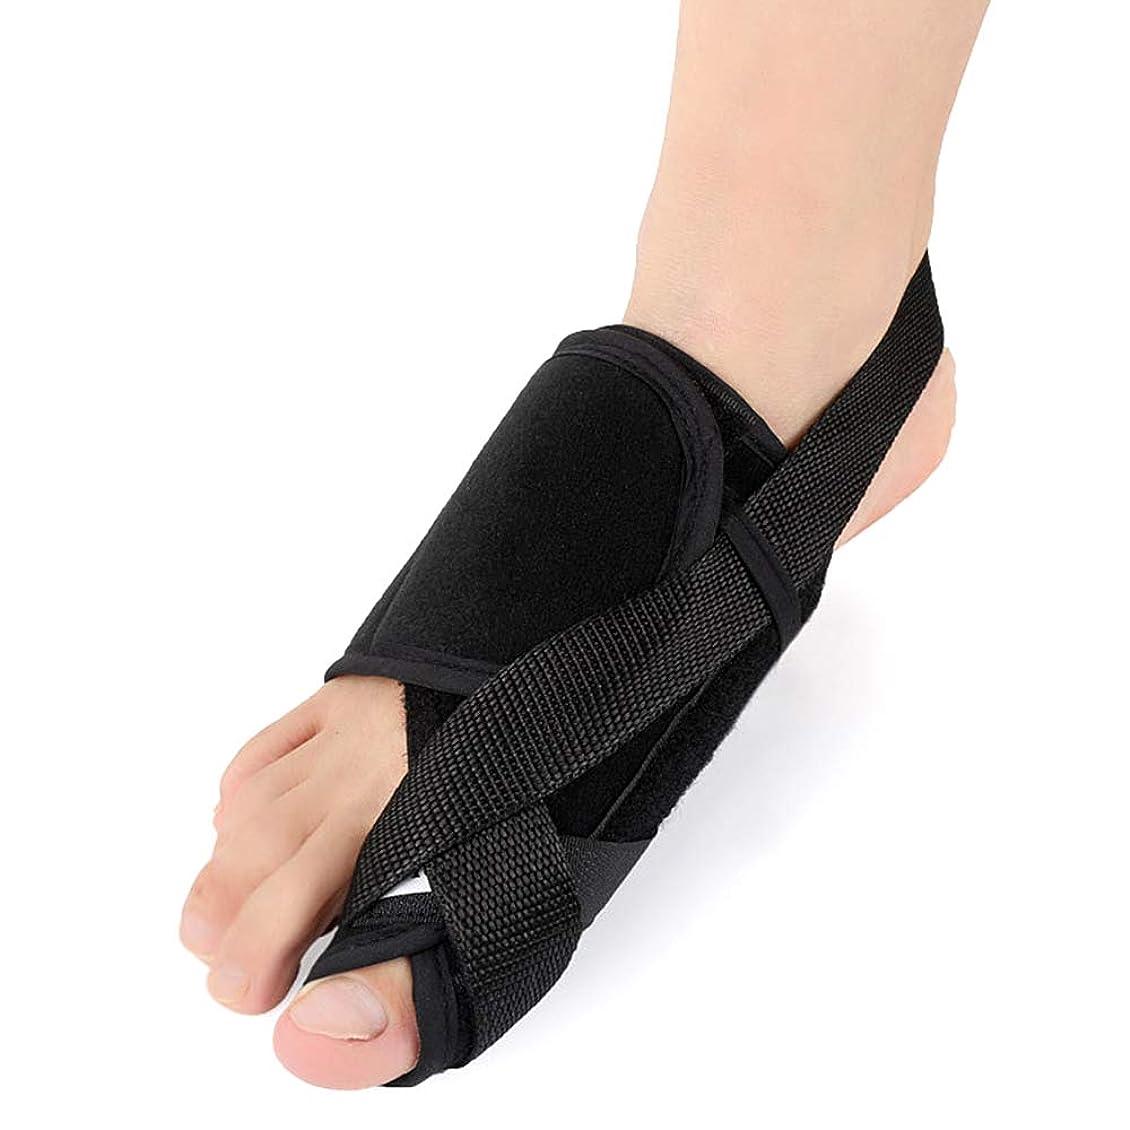 知恵実験をする継続中外反母趾足指セパレーターは足指重複嚢胞通気性吸収汗を防ぎヨガ後の痛みと変形を軽減,S